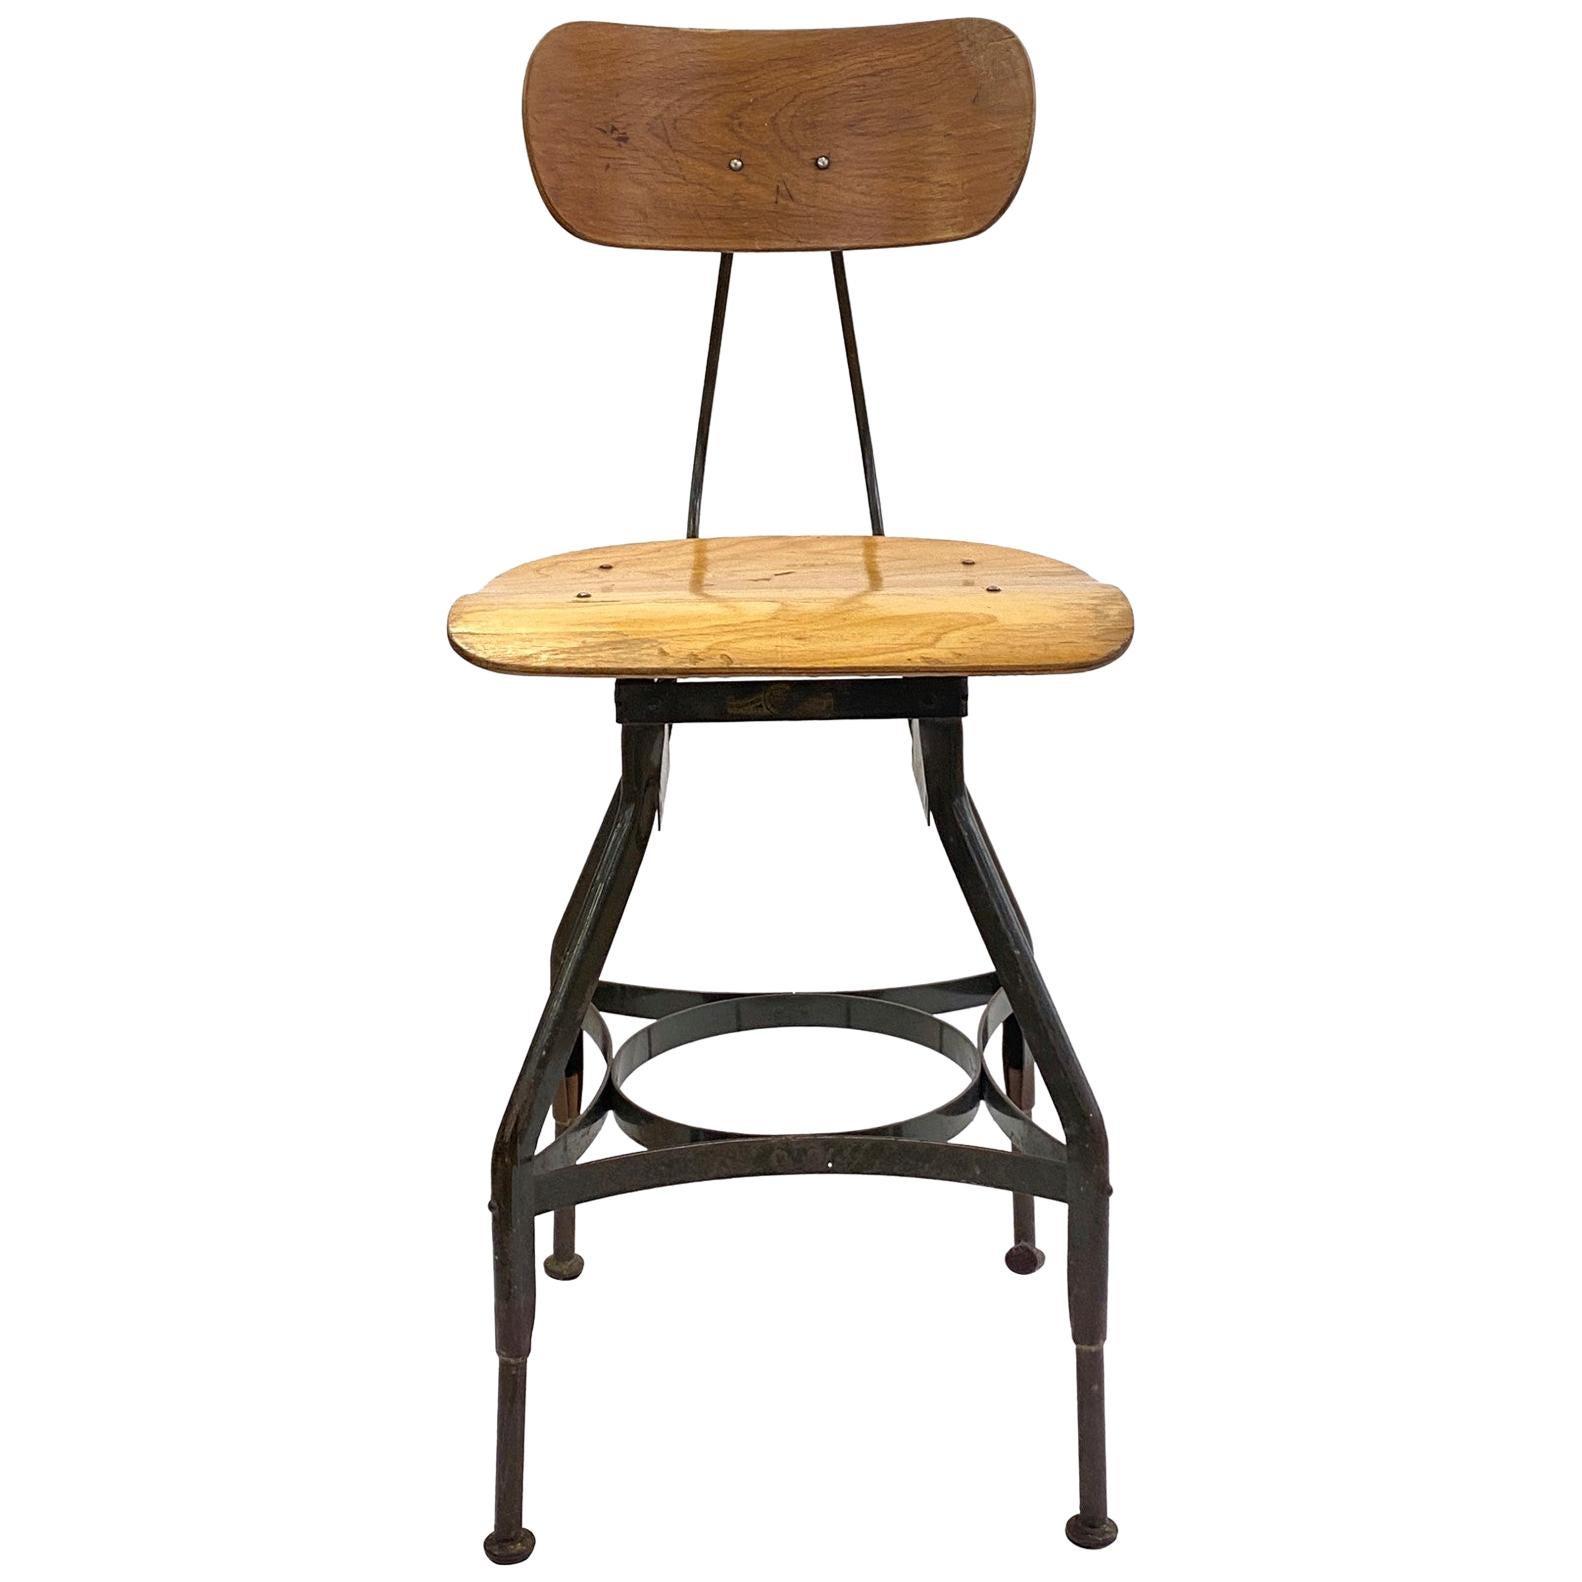 1920s Classic Vintage Industrial Bar Height Wood & Steel Adjustable Toledo Stool